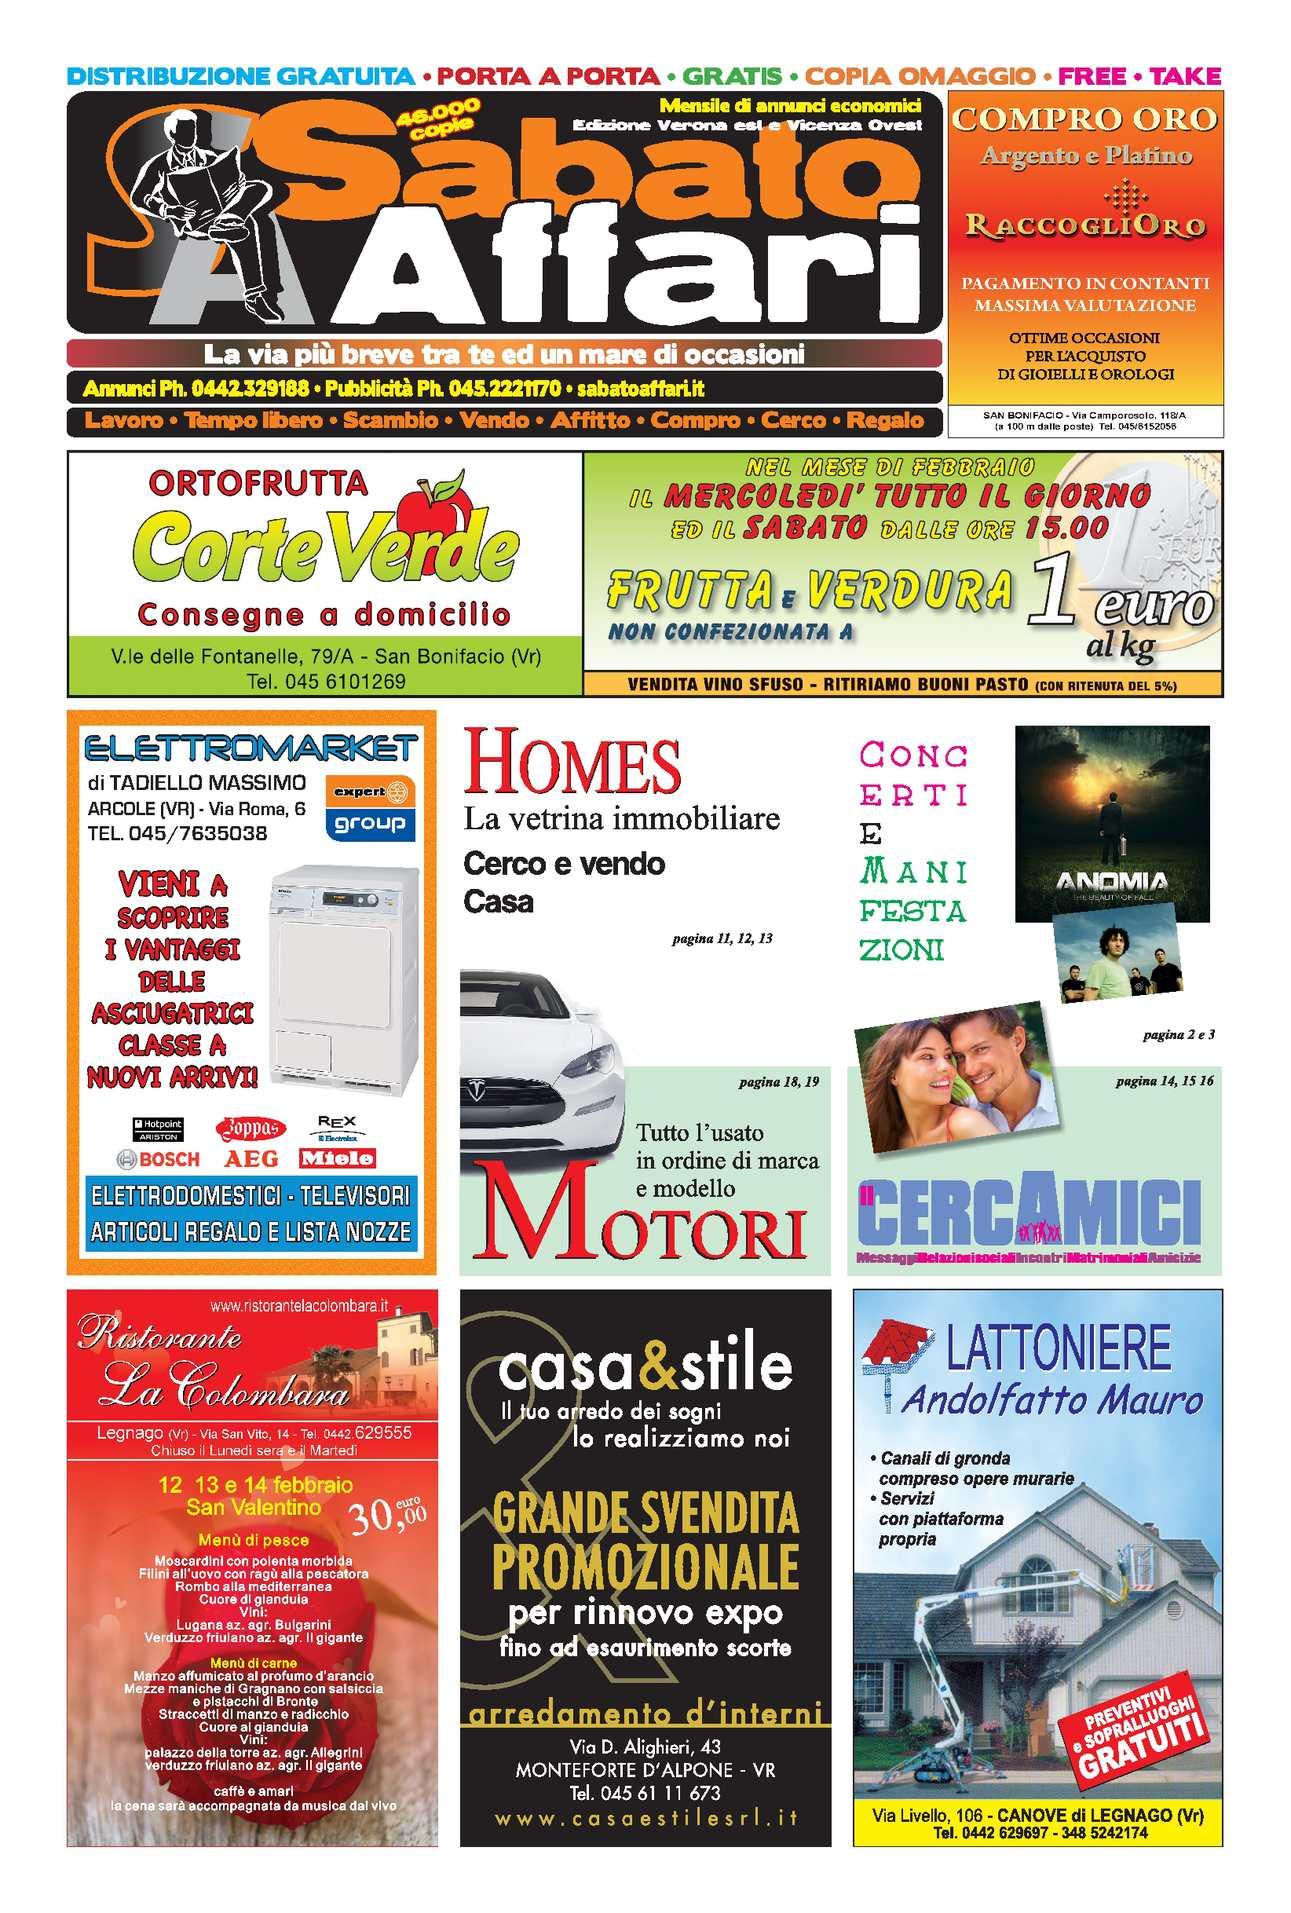 Calaméo Sabato Affari Verona est e Vicenza Ovest 2 del 30 Gennaio 2011